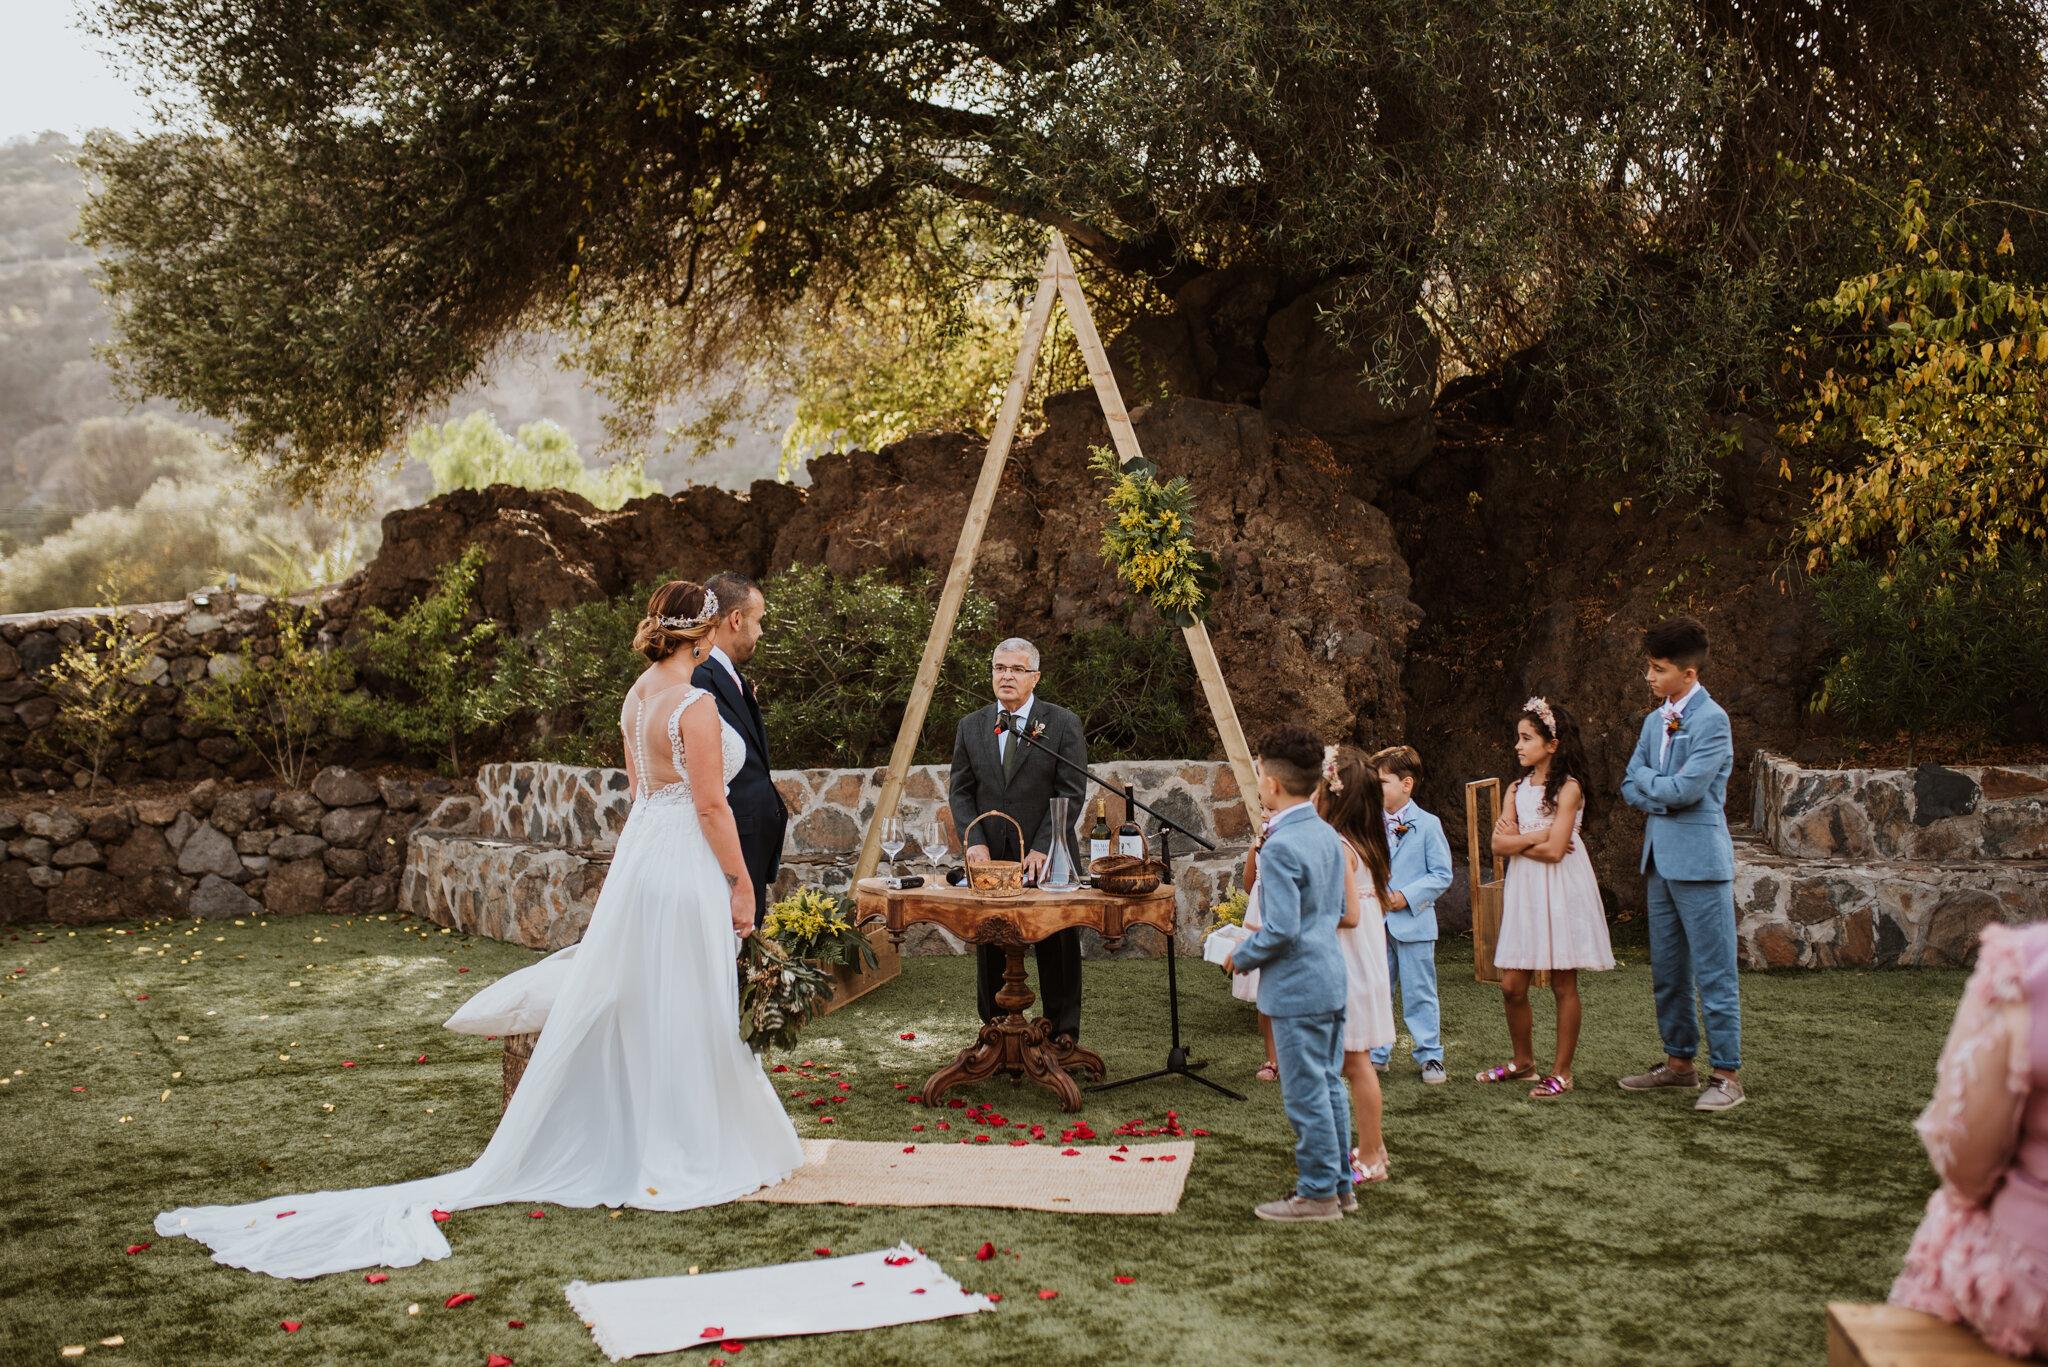 fotografo de bodas las palmas_-48.jpg